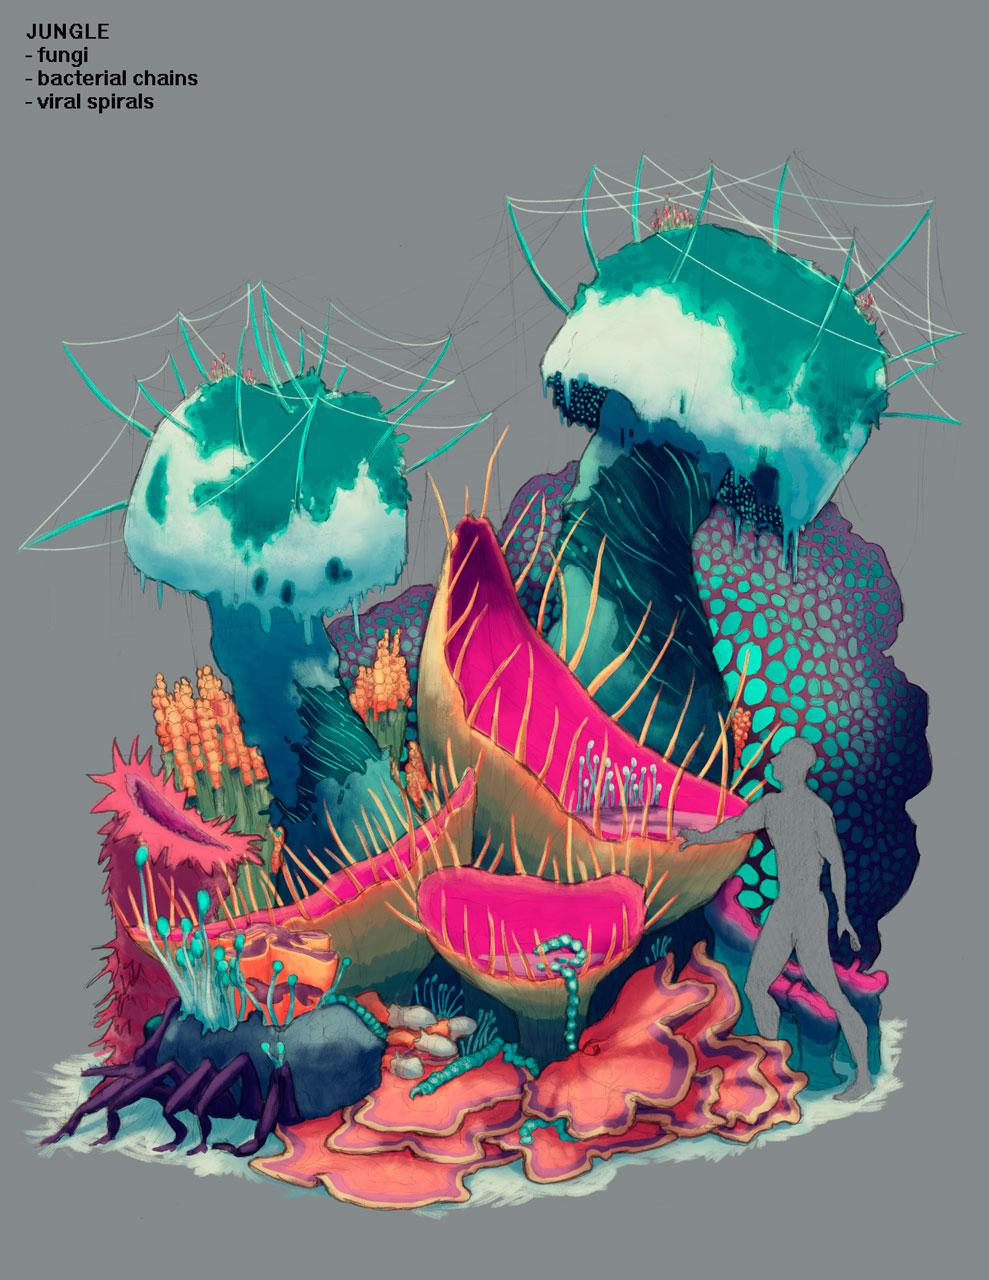 Jungle Environment Design Concept Art for Pillar of Fire